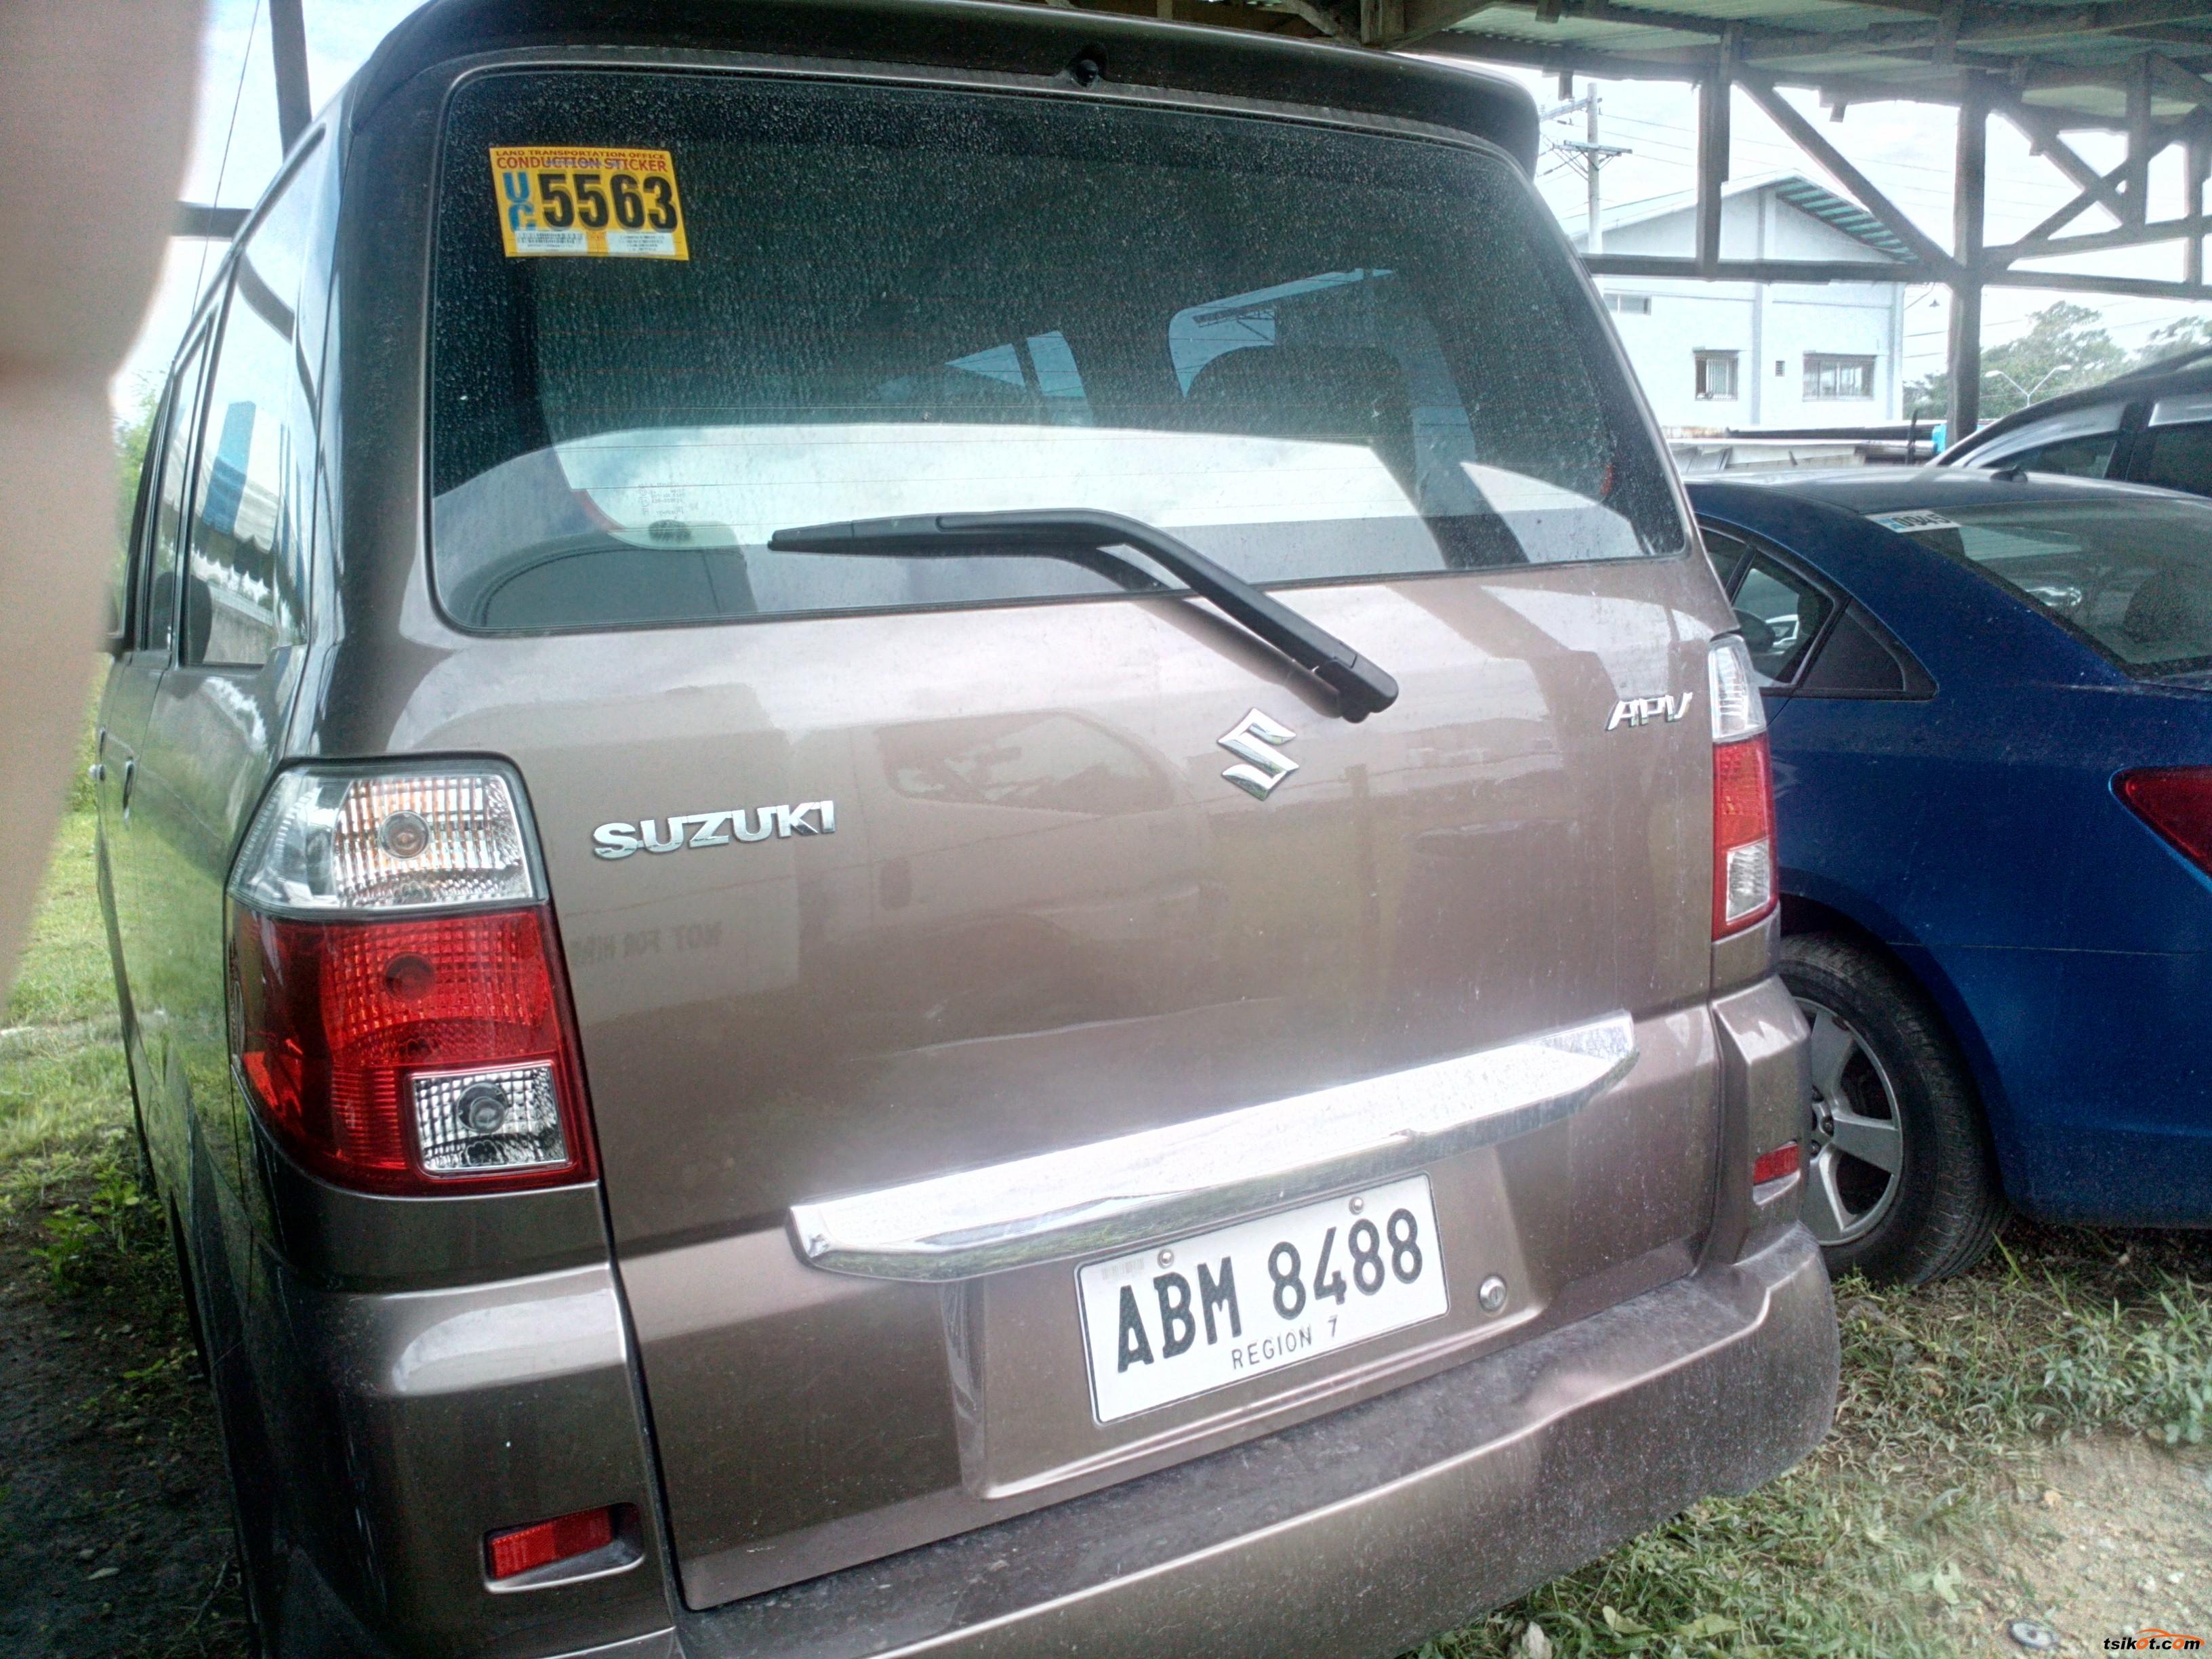 Suzuki Apv 2015 - 3